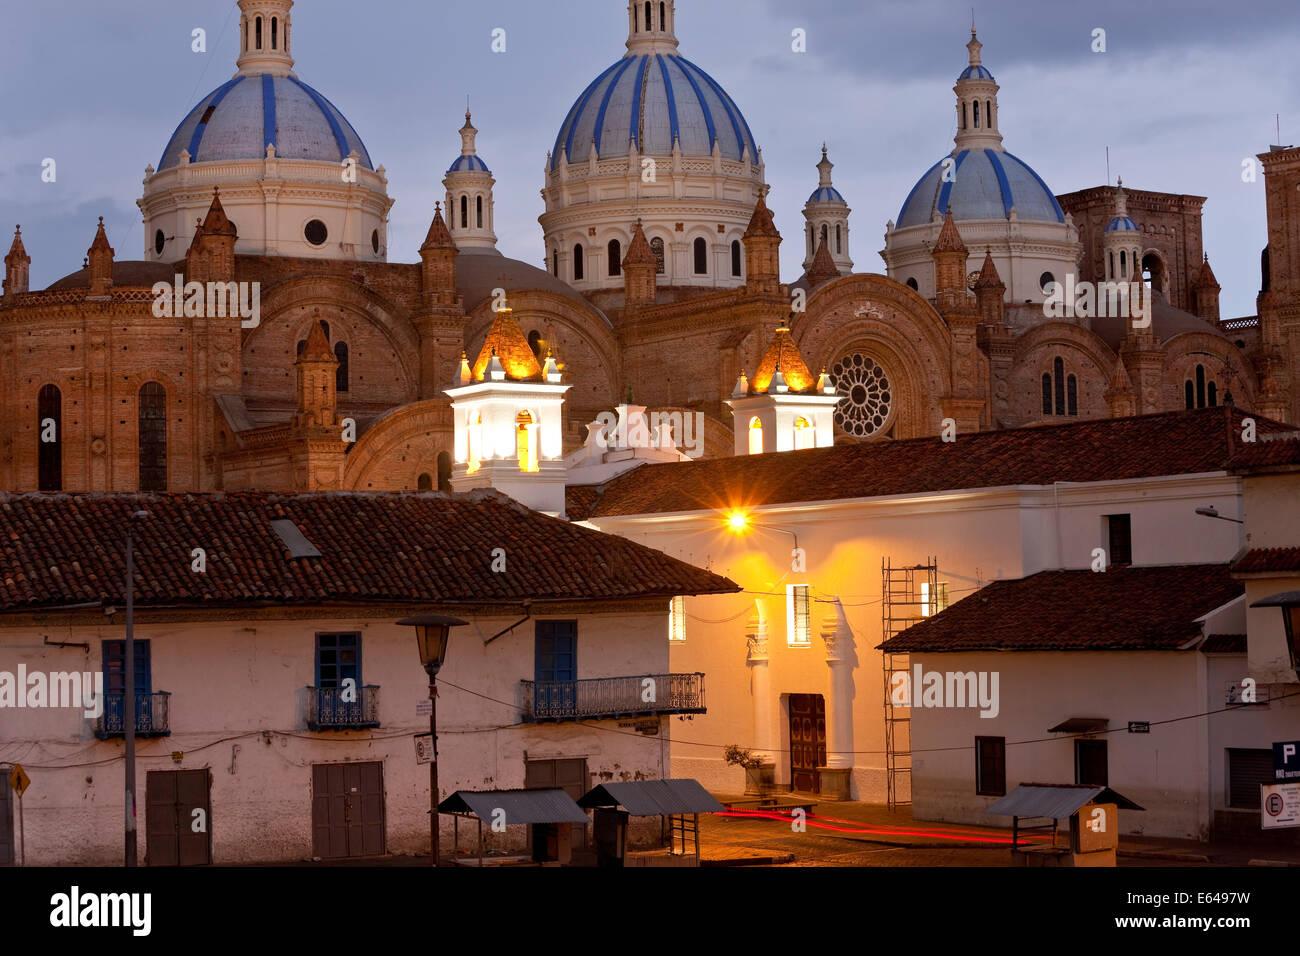 Kathedrale der Unbefleckten Empfängnis Mariens, erbaut 1885, in der Abenddämmerung, Cuenca, Ecuador Stockbild